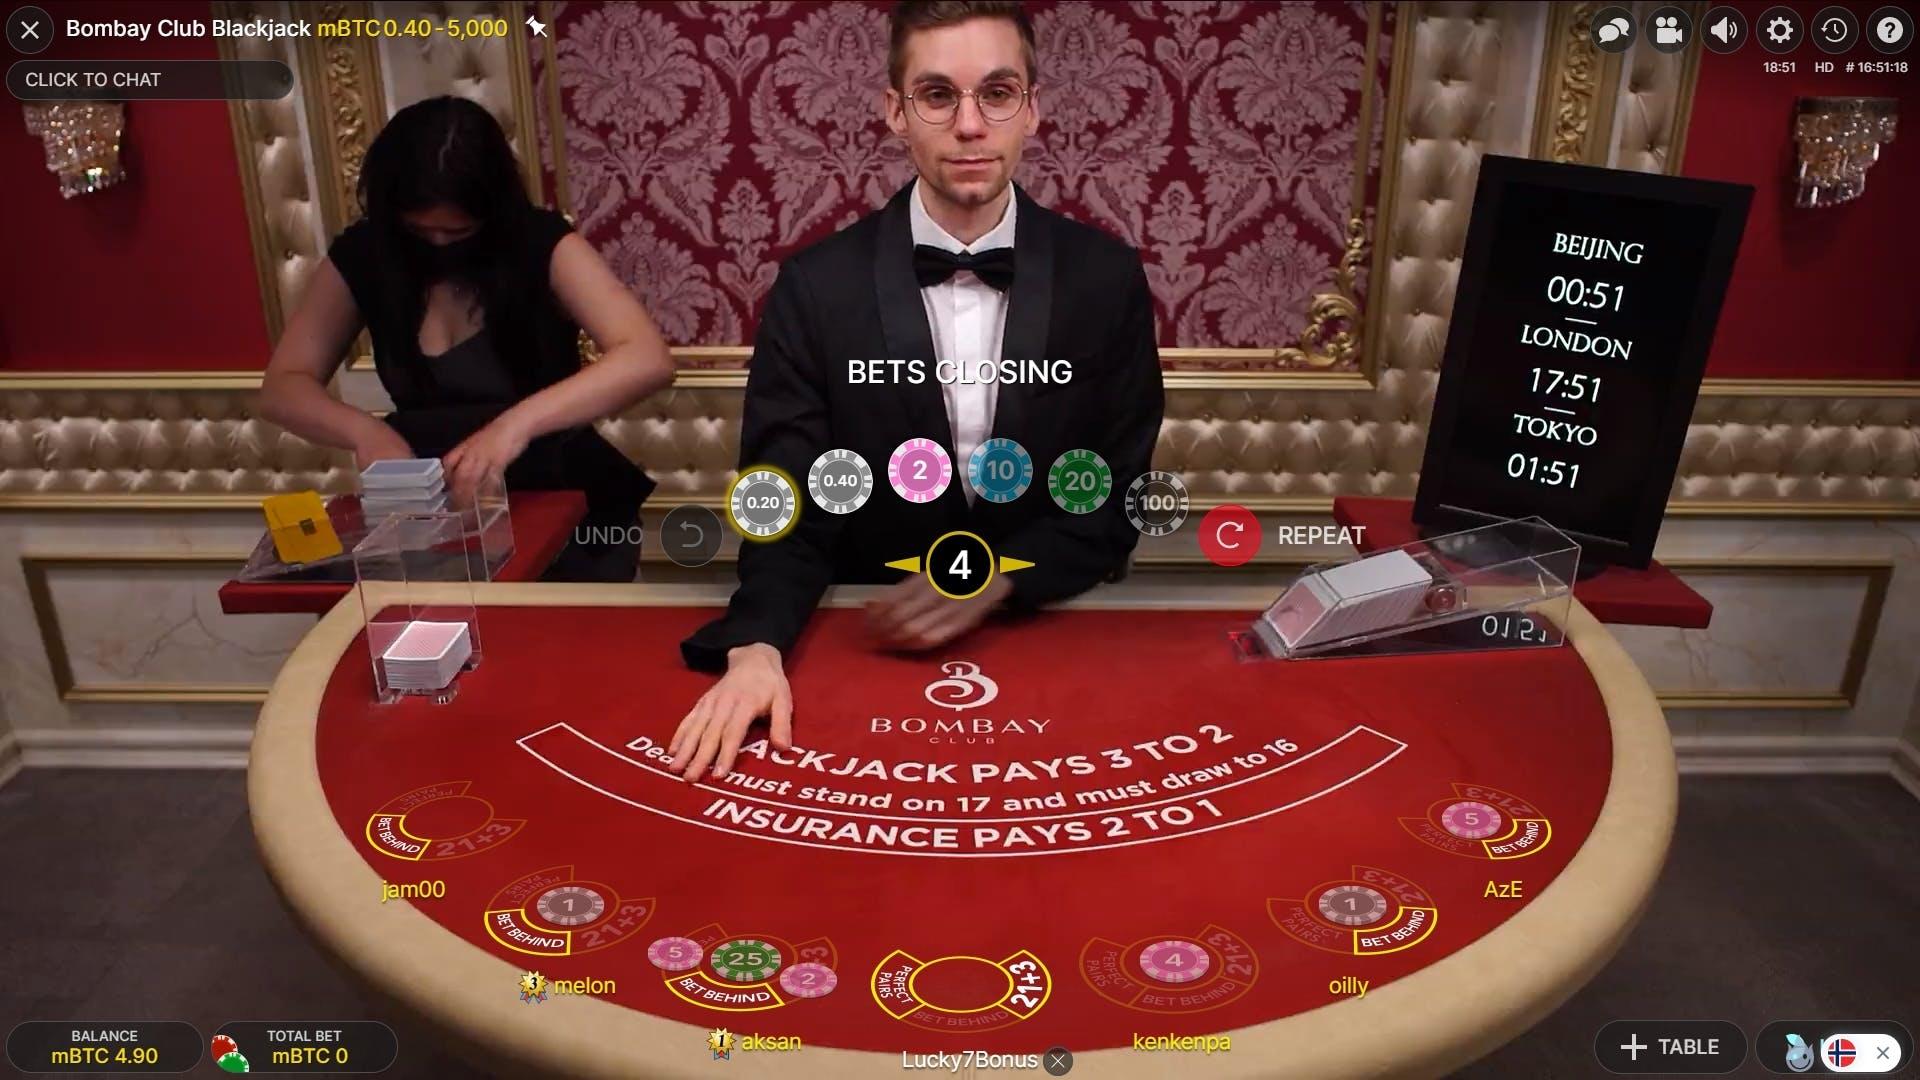 Beggining of a game in blackjack.